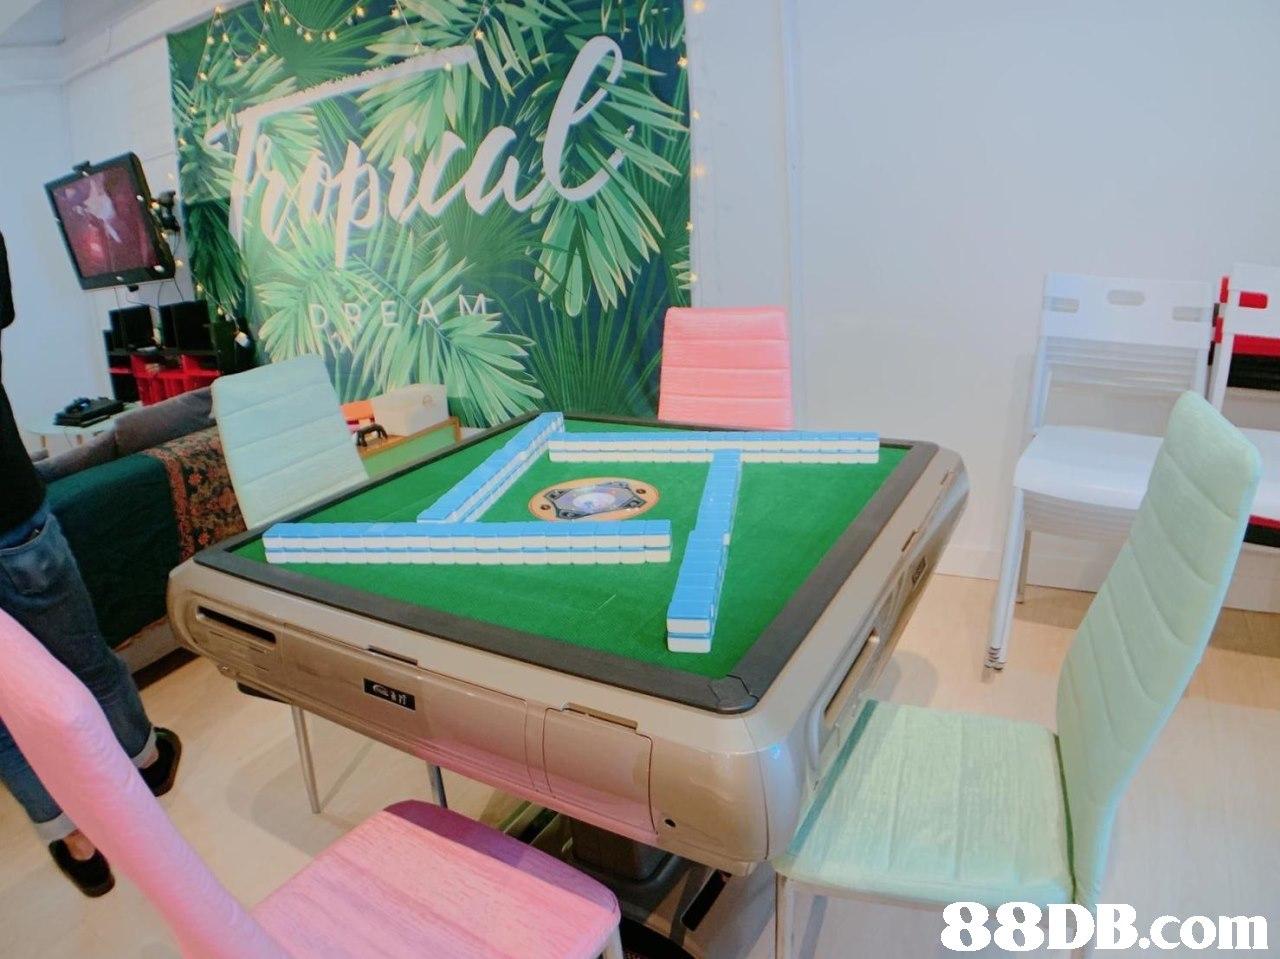 Pool,Room,Table,Games,Billiard table